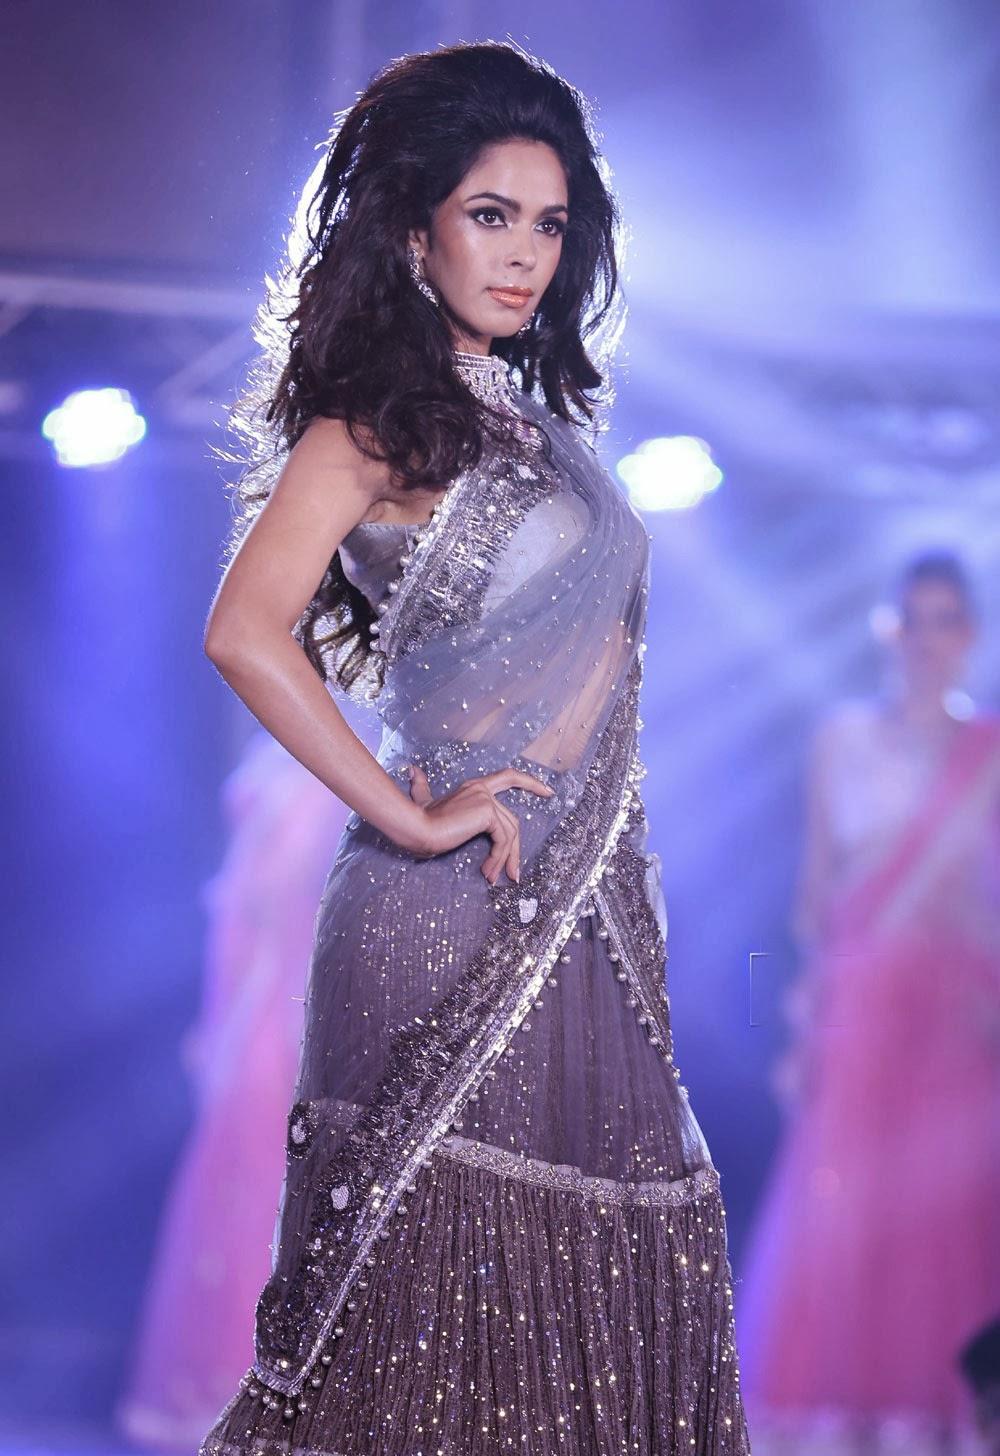 Mallika Sherawat wallpaper, Mallika Sherawat hot pics, Mallika Sherawat sexy ramp walk